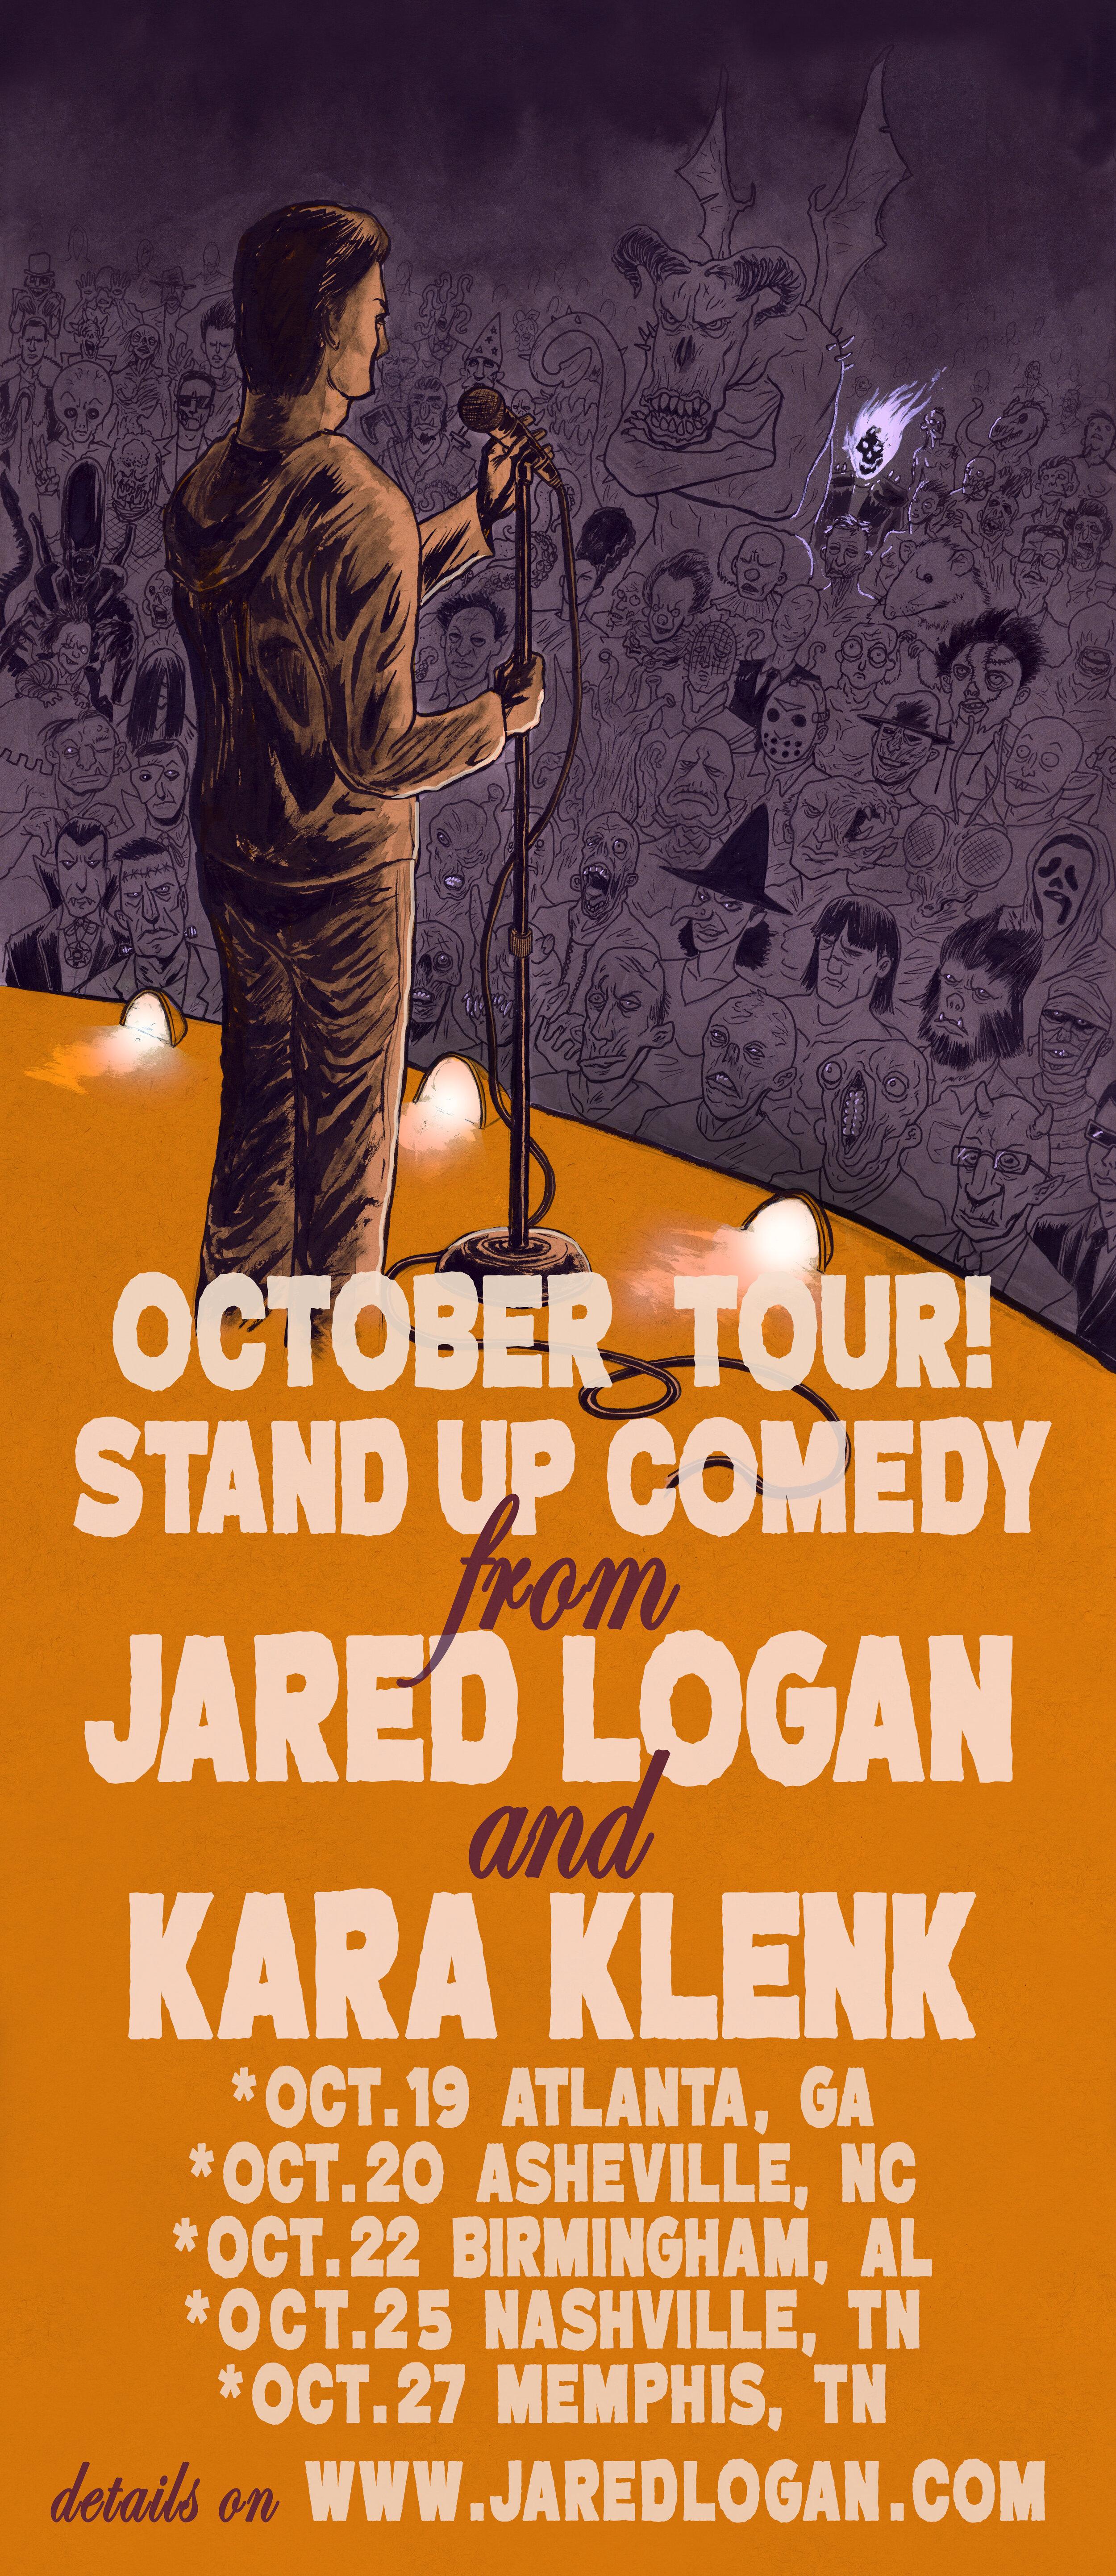 Jared Logan & Kara Klenk Tour